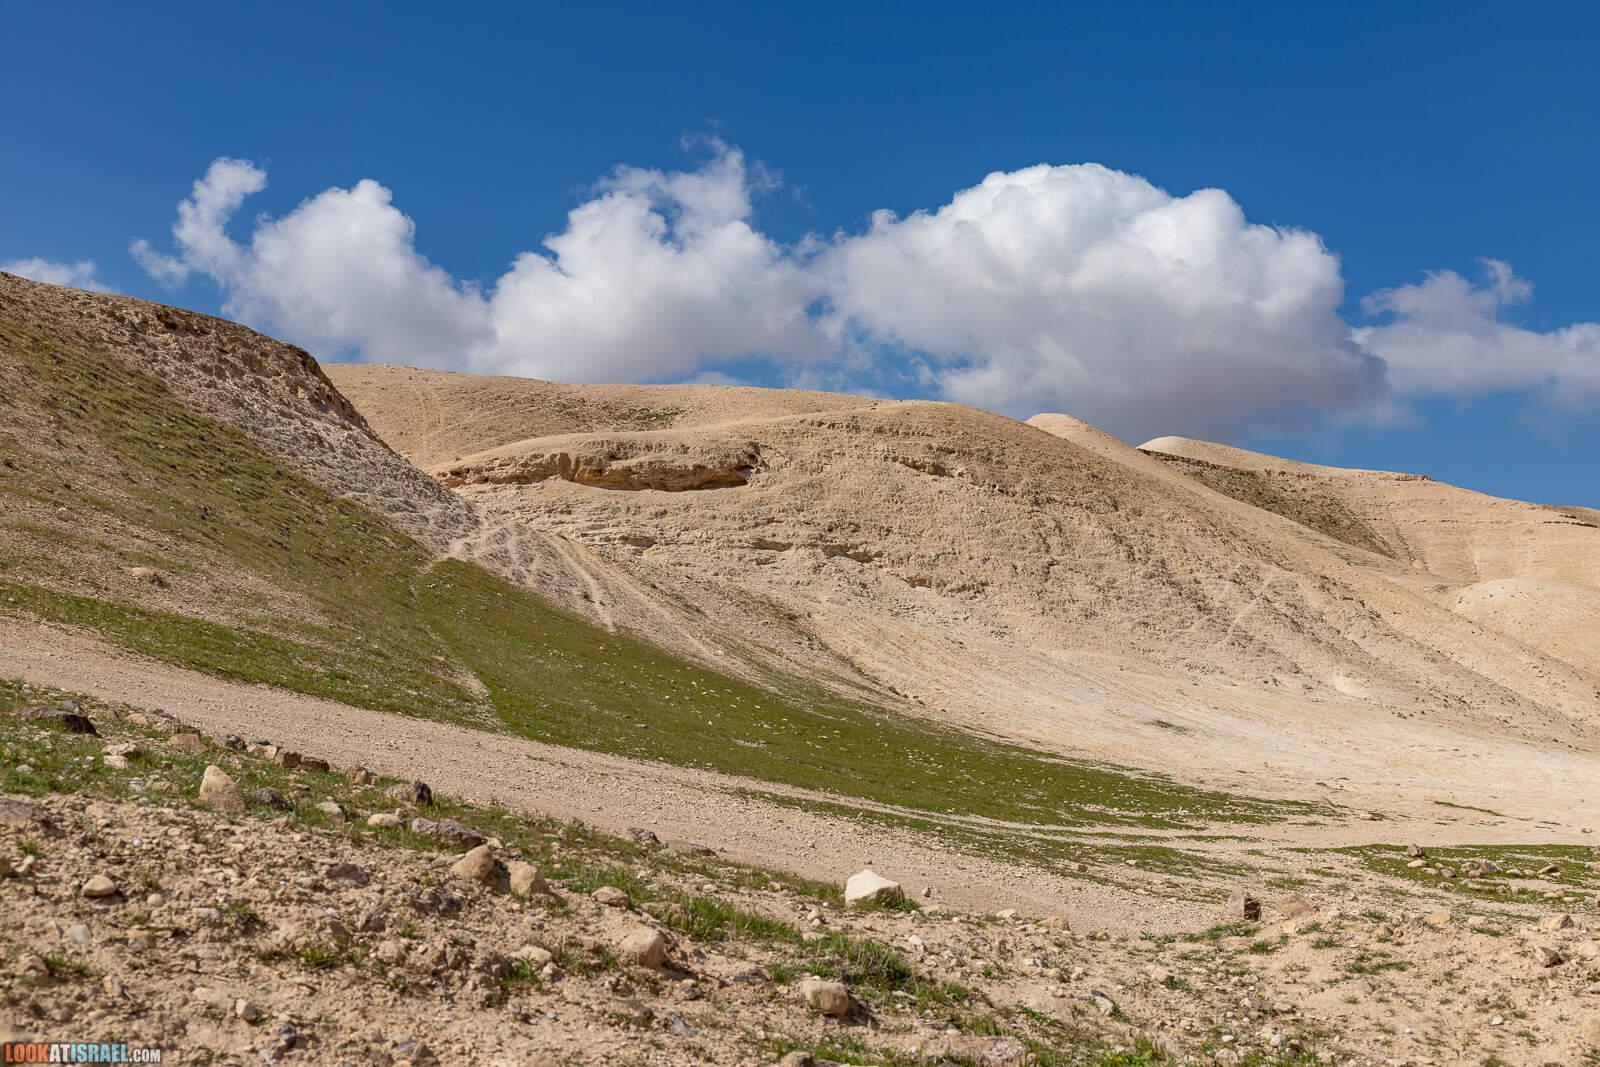 По Иудейской пустыне на внедорожнике - от Арада до Иерусалима